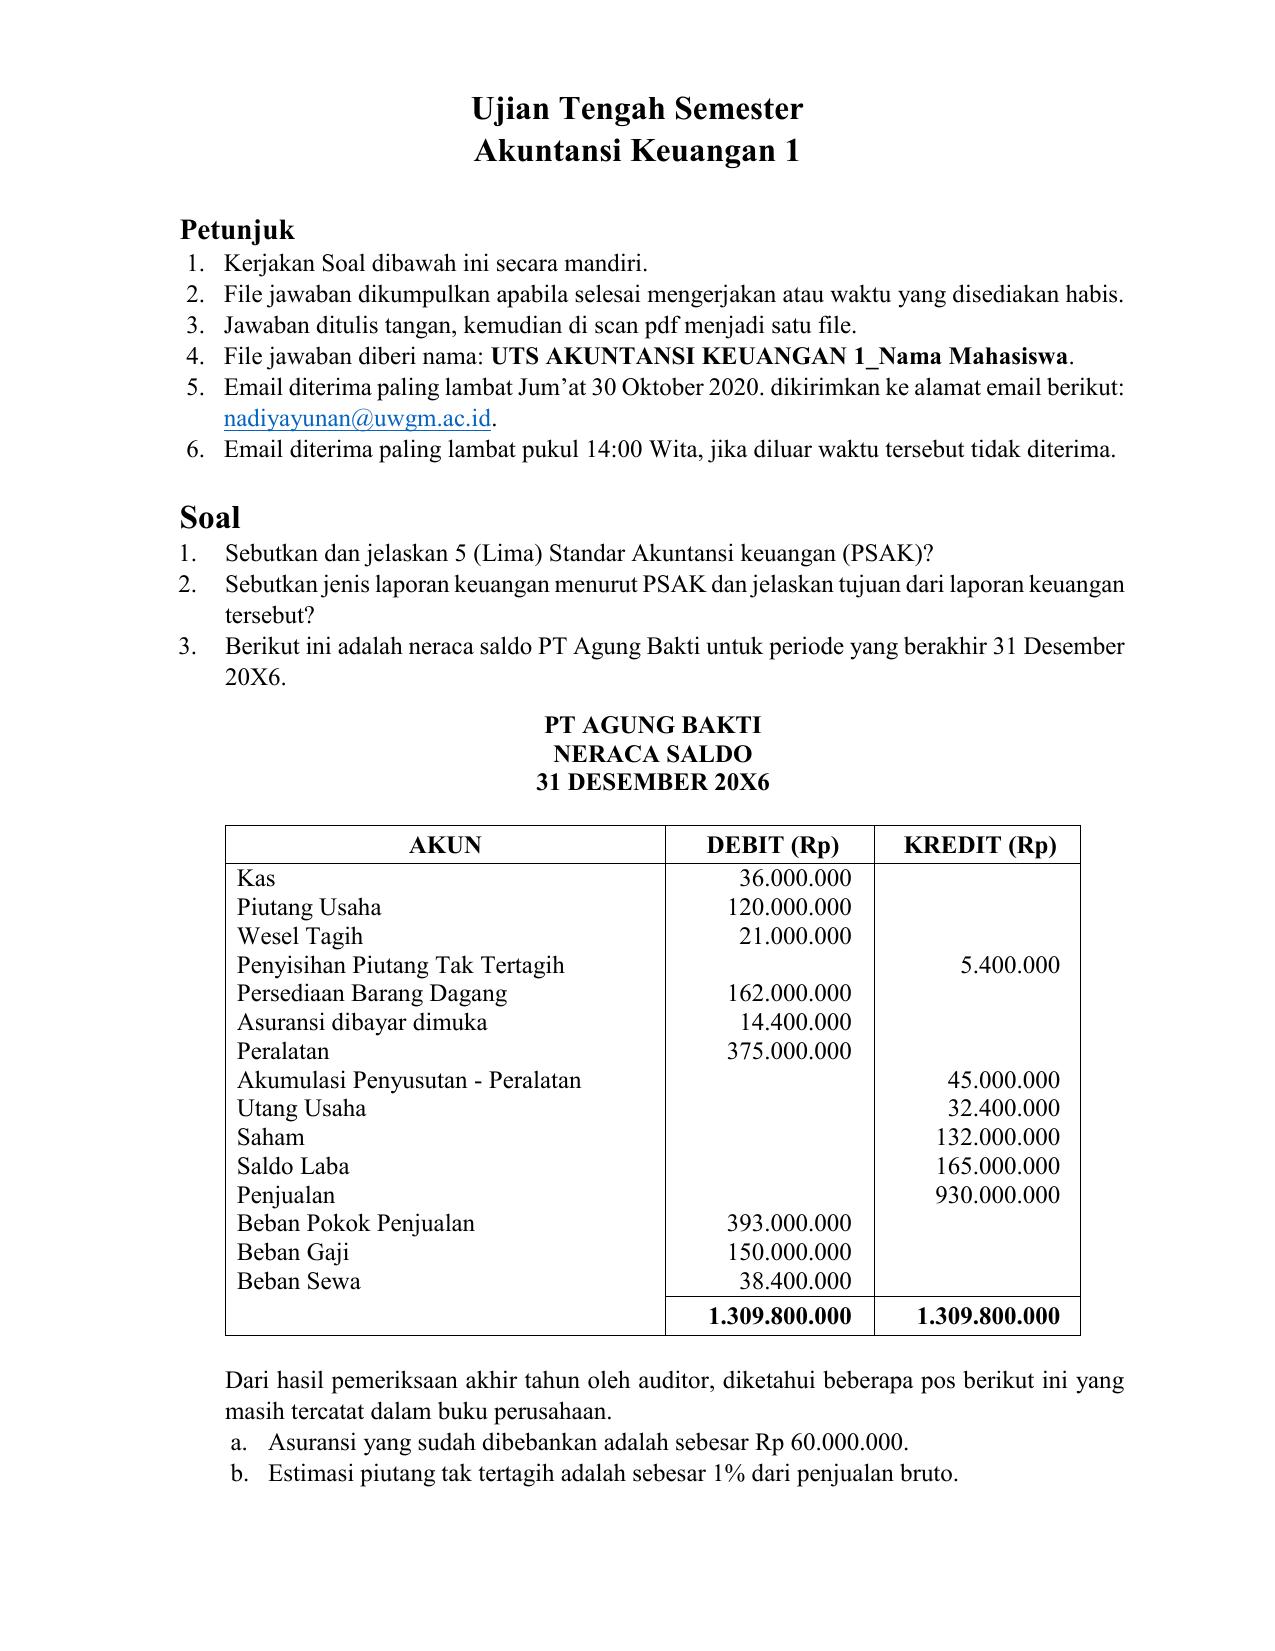 Soal Uts Akuntansi Keuangan 1